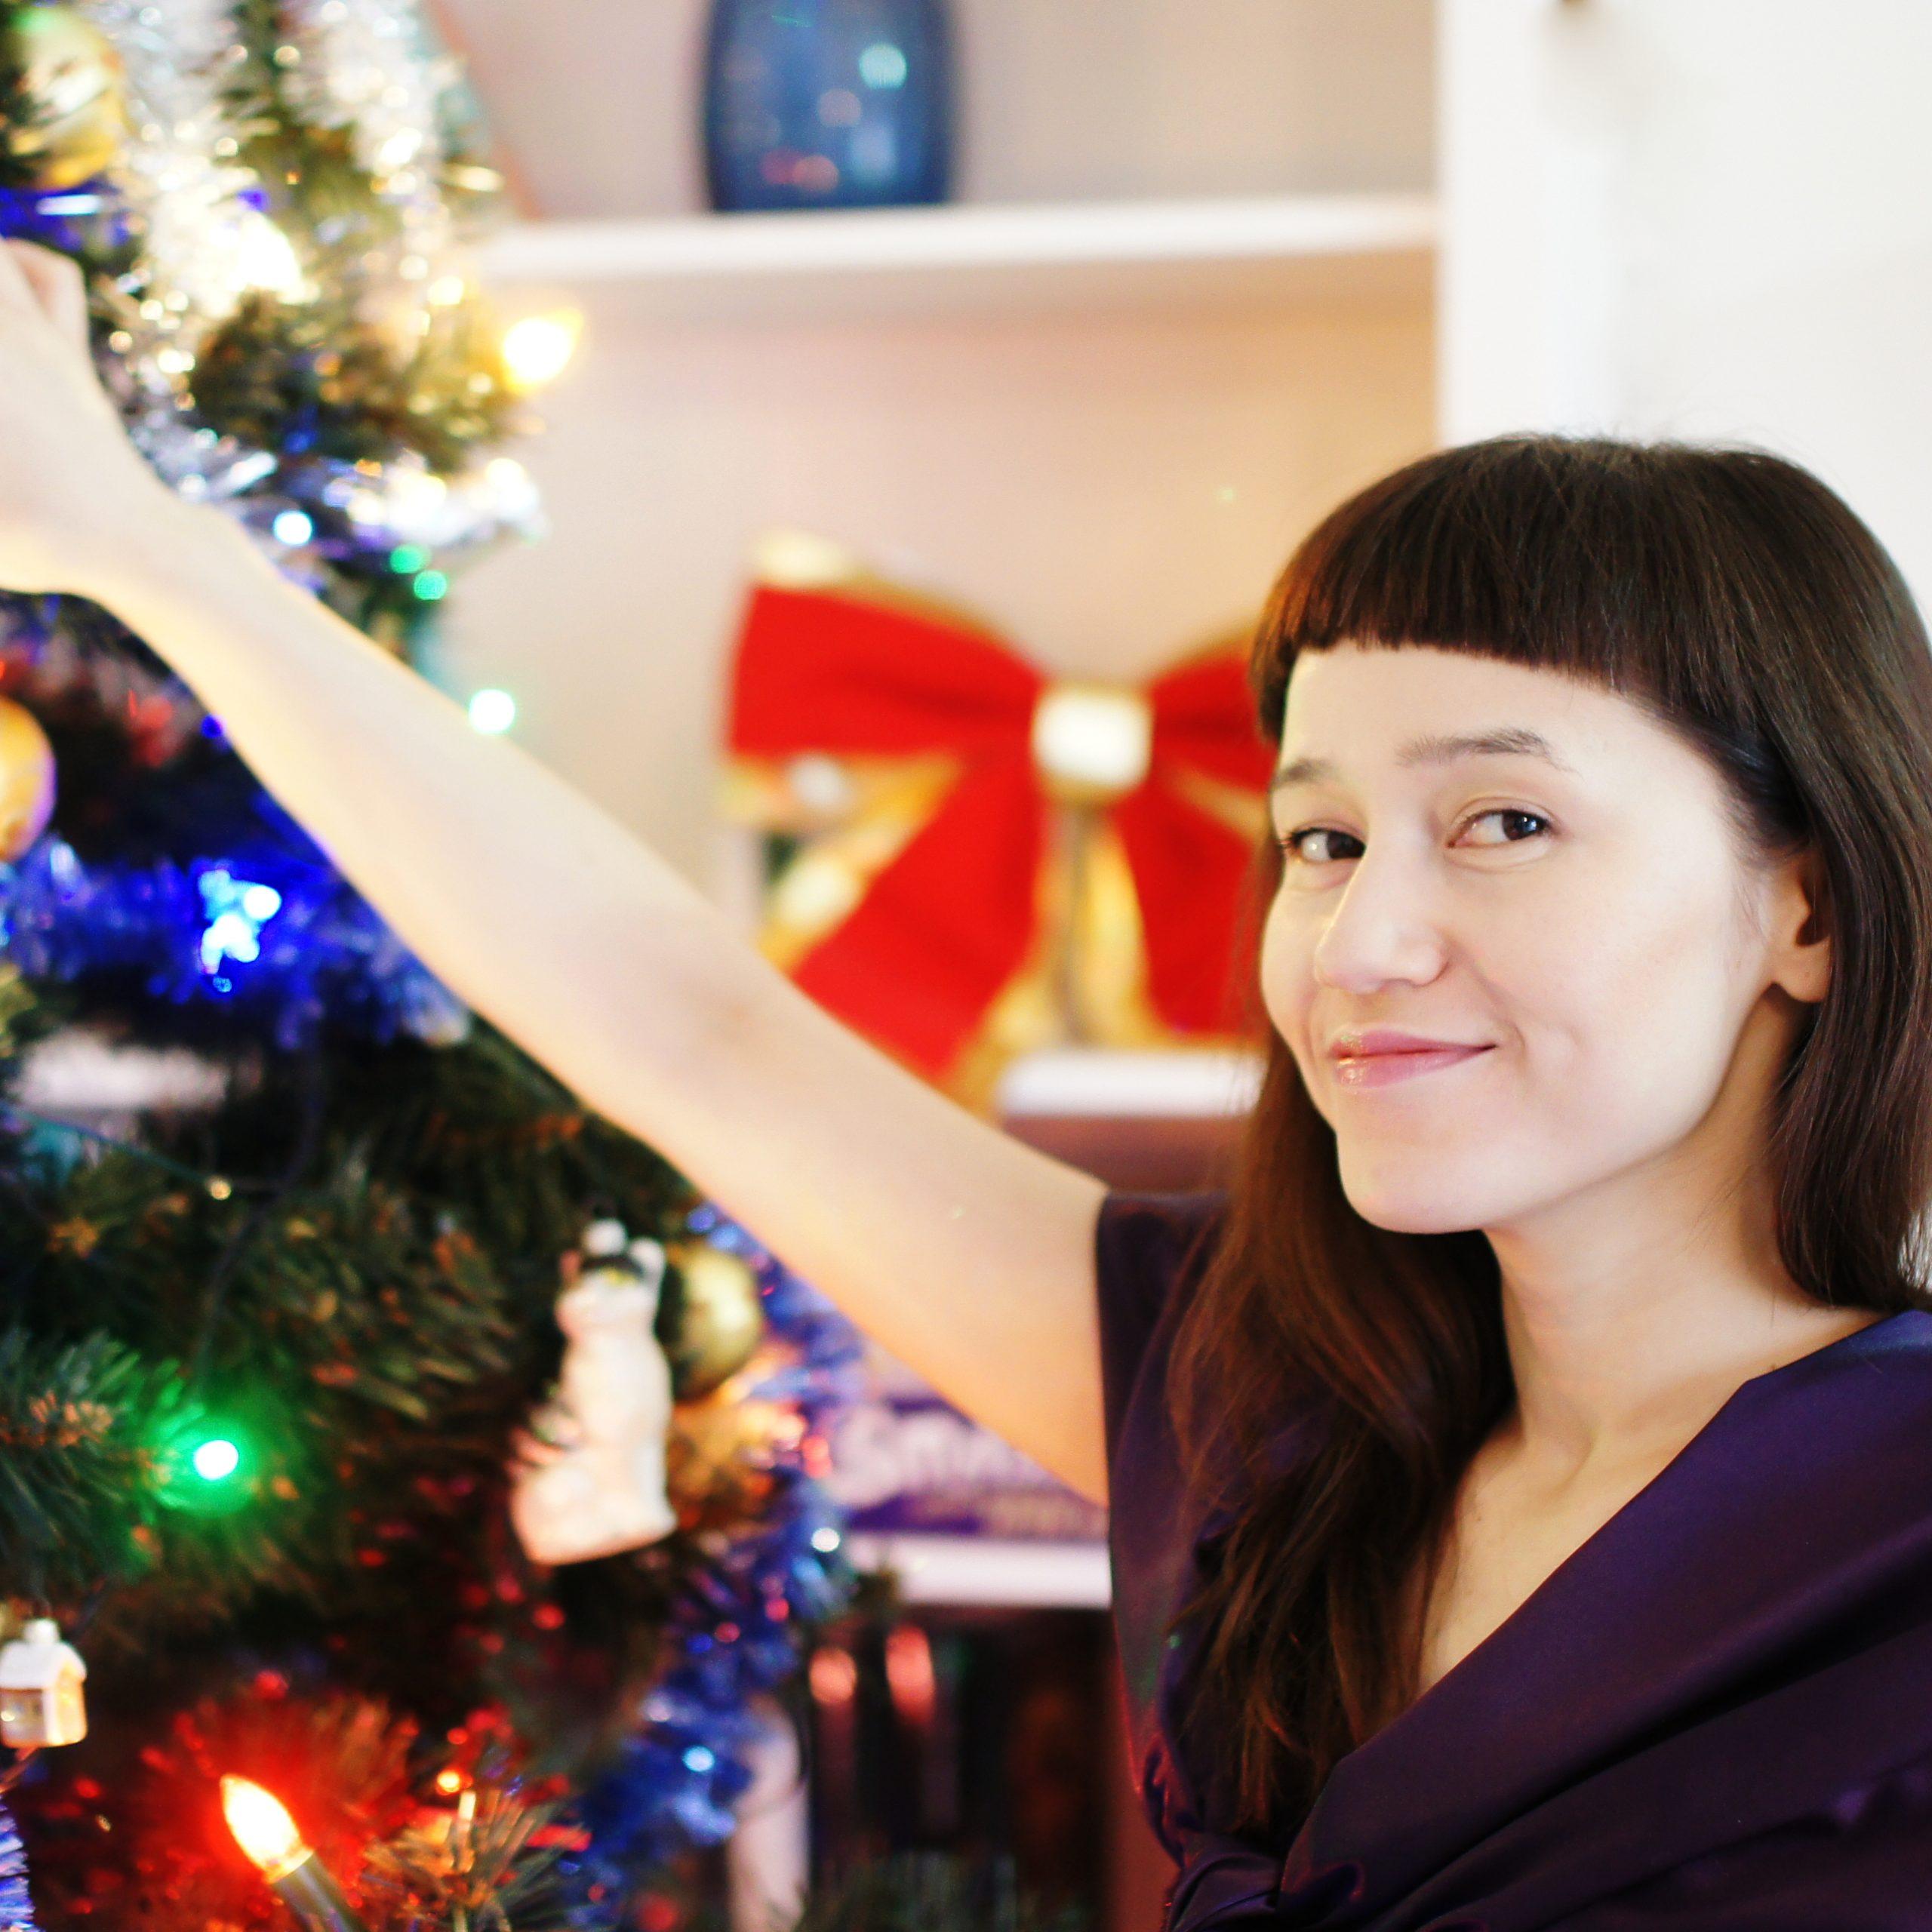 Mam propozycję nowej, świeckiej tradycji, któradotyczy świątecznej choinki. NaTrzech Króli zdejmujemy zchoinki dekoracje bożonarodzeniowe izakładamy czerwone serduszka iłańcuchy zezłotymi literami LOVE. Tym sposobem mamy choinkę walentynkową. Poświęcie zakochanych serduszka niechzastąpią pisanki, zajączki ikurczaczki – choinka wielkanocna będzie piękna ikolorowa. PoŚwiętach Wielkiej Nocy zawisną naniej żółte słoneczka zapowiadające nadchodzące lato iwakacje. Pierwsze jesienne słoty przywitają złoto-czerwone liście izabawki zkasztanów. Nim się obejrzymy znowu będzie czas naświęta, święta ipoświętach. Oto mójpomysł nacałoroczną choinkę. Jak tokażda okazja jest dobra, żeby... mieć wdomu drzewko.